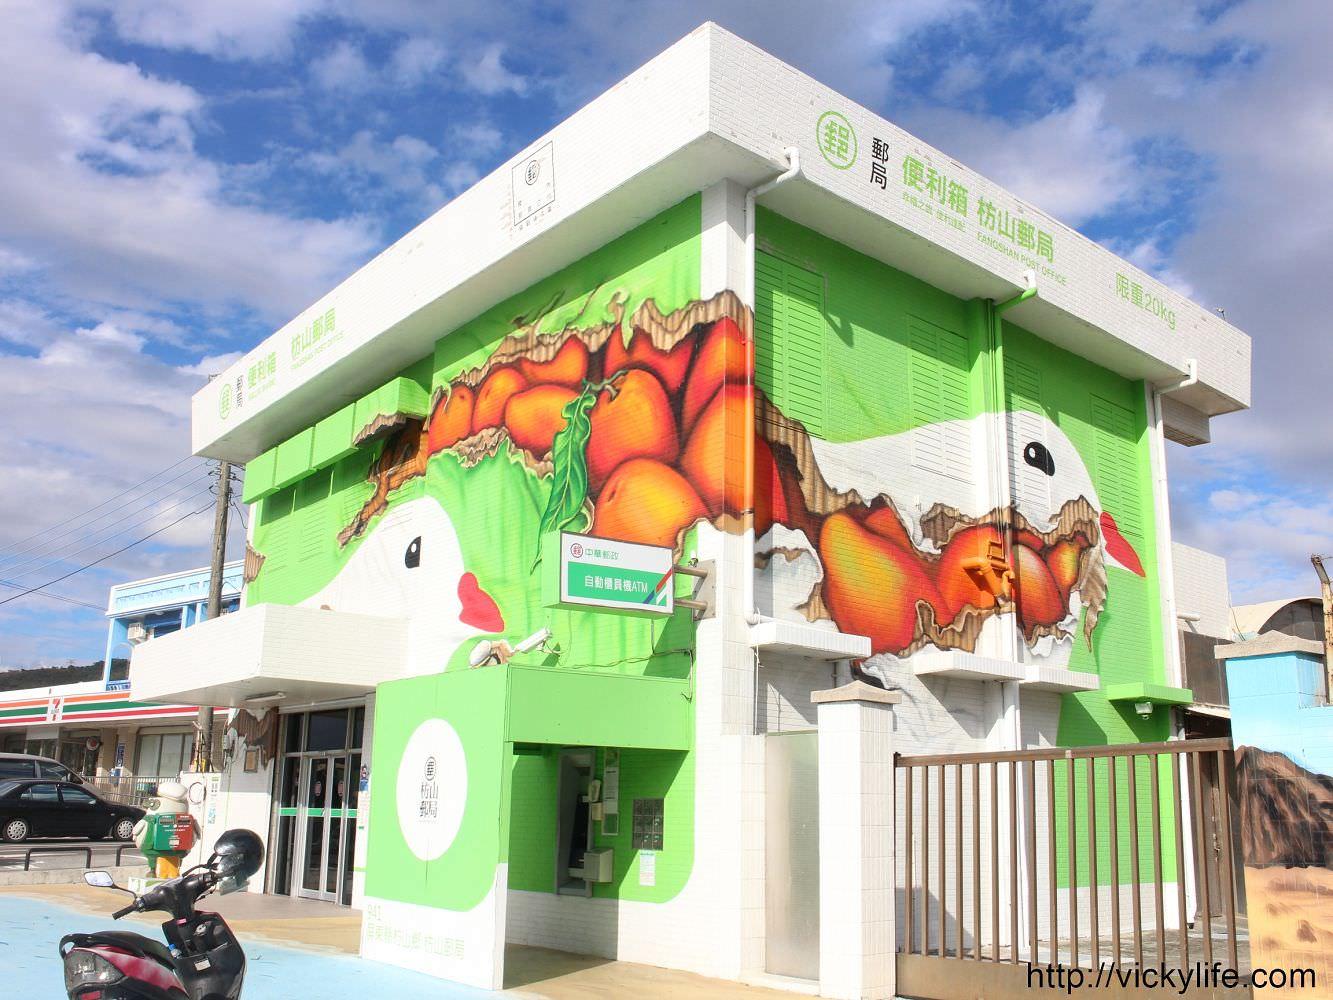 屏東旅遊景點︱枋山郵局:超巨大郵局便利箱在大馬路上?也太吸睛了,不來拍拍照怎麼行